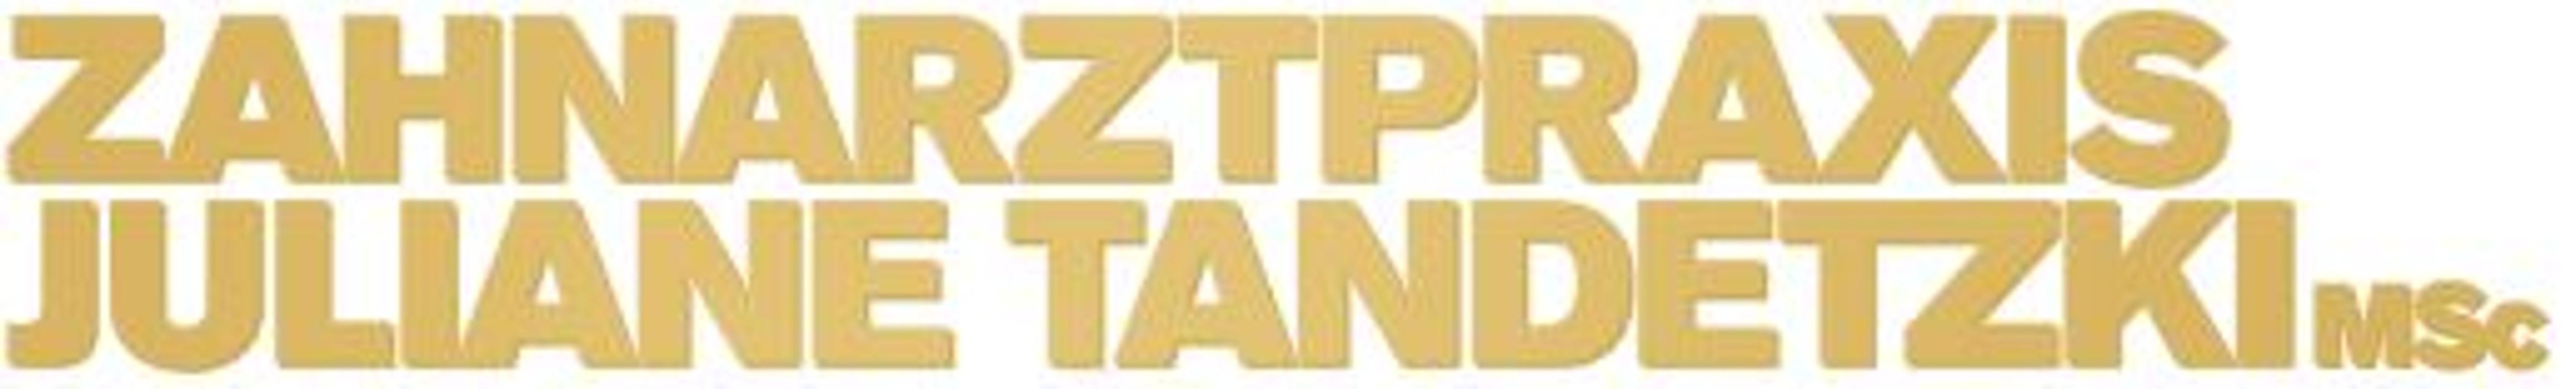 Zahnarztpraxis Juliane Tandetzki Msc. in Berlin